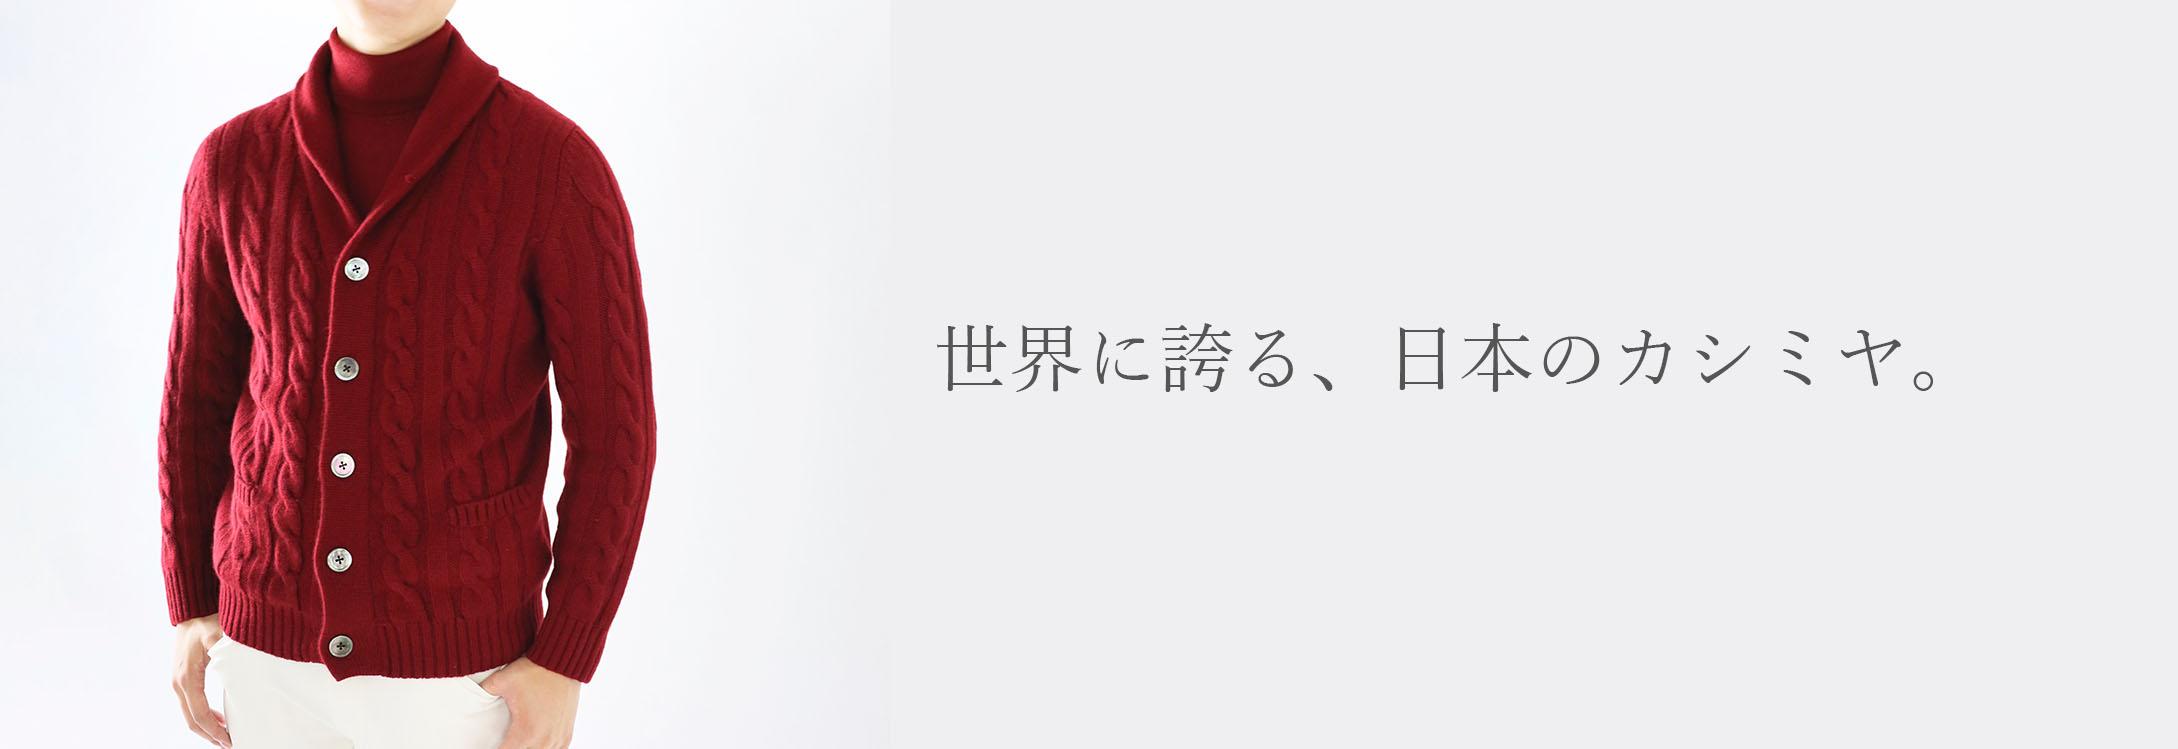 世界に誇る日本のカシミヤ